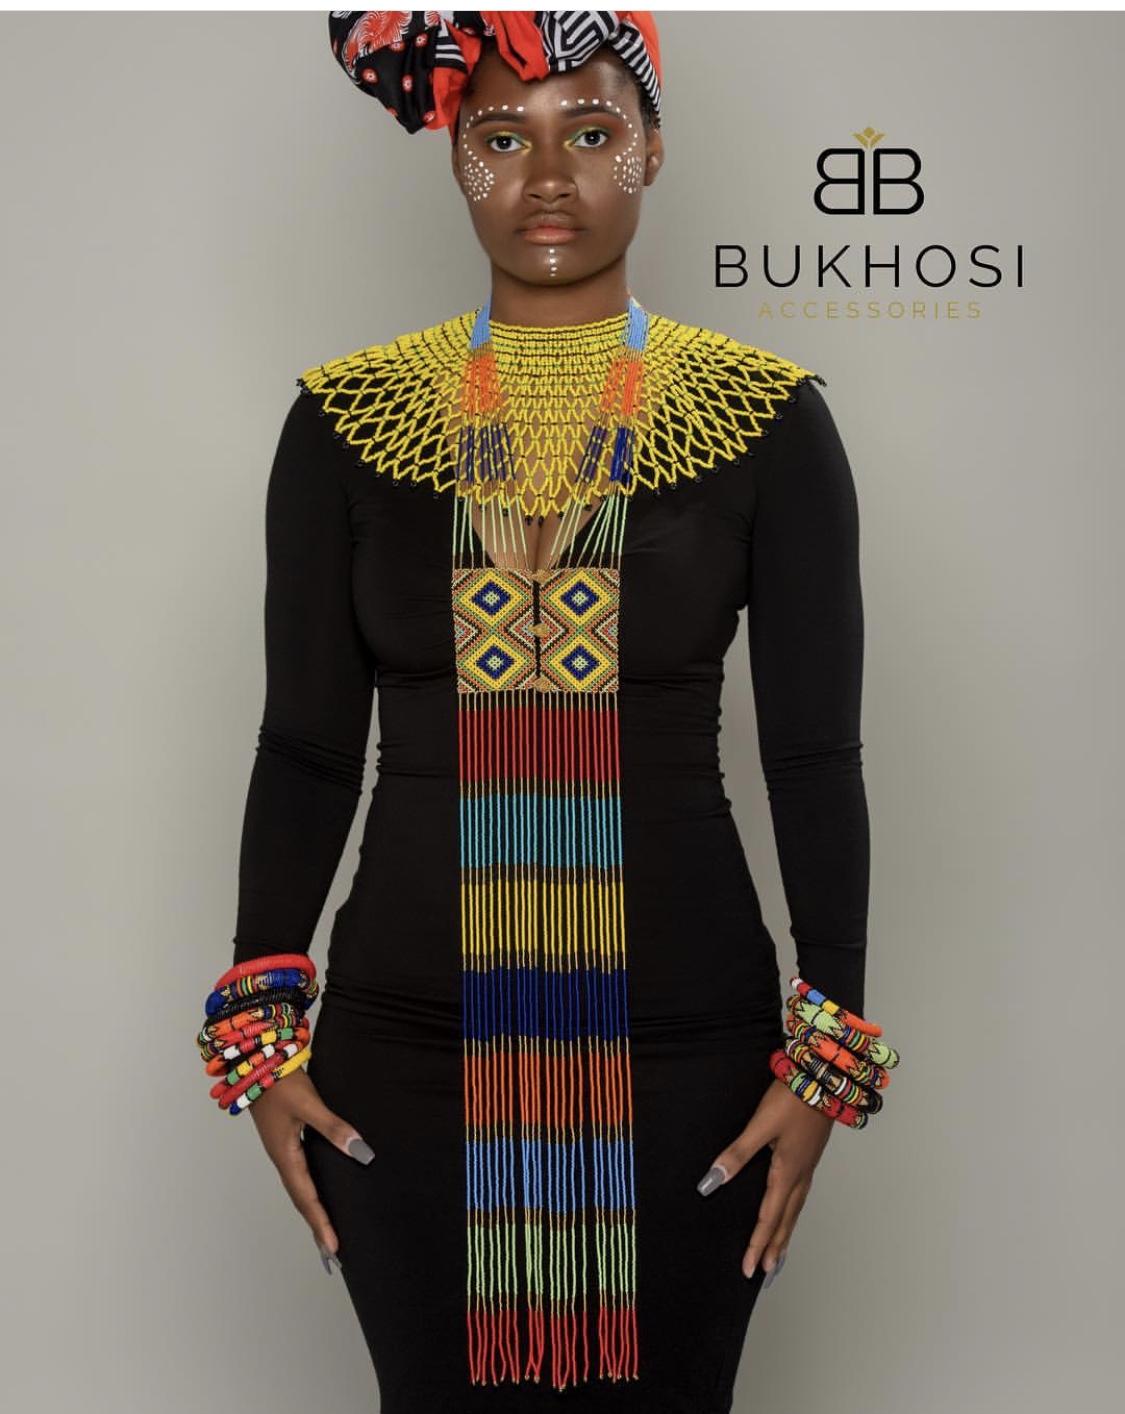 Bukhosi